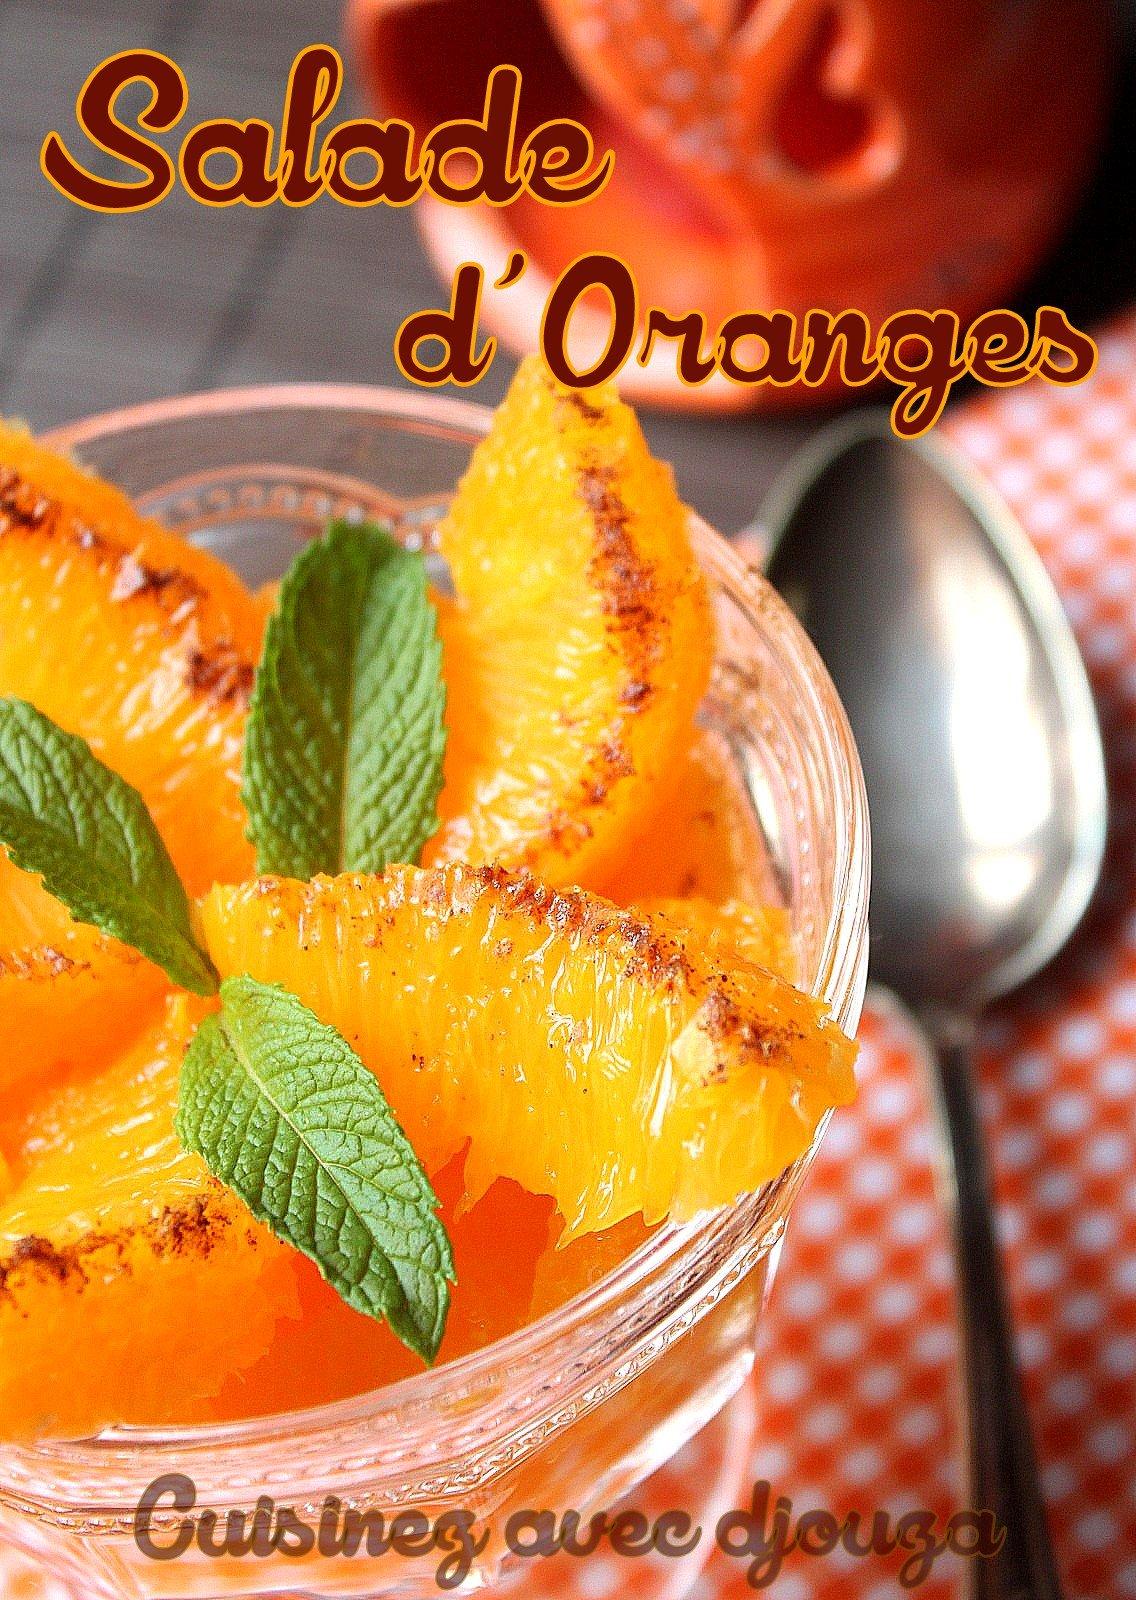 Salade d'oranges à la marocaine cannelle et menthe